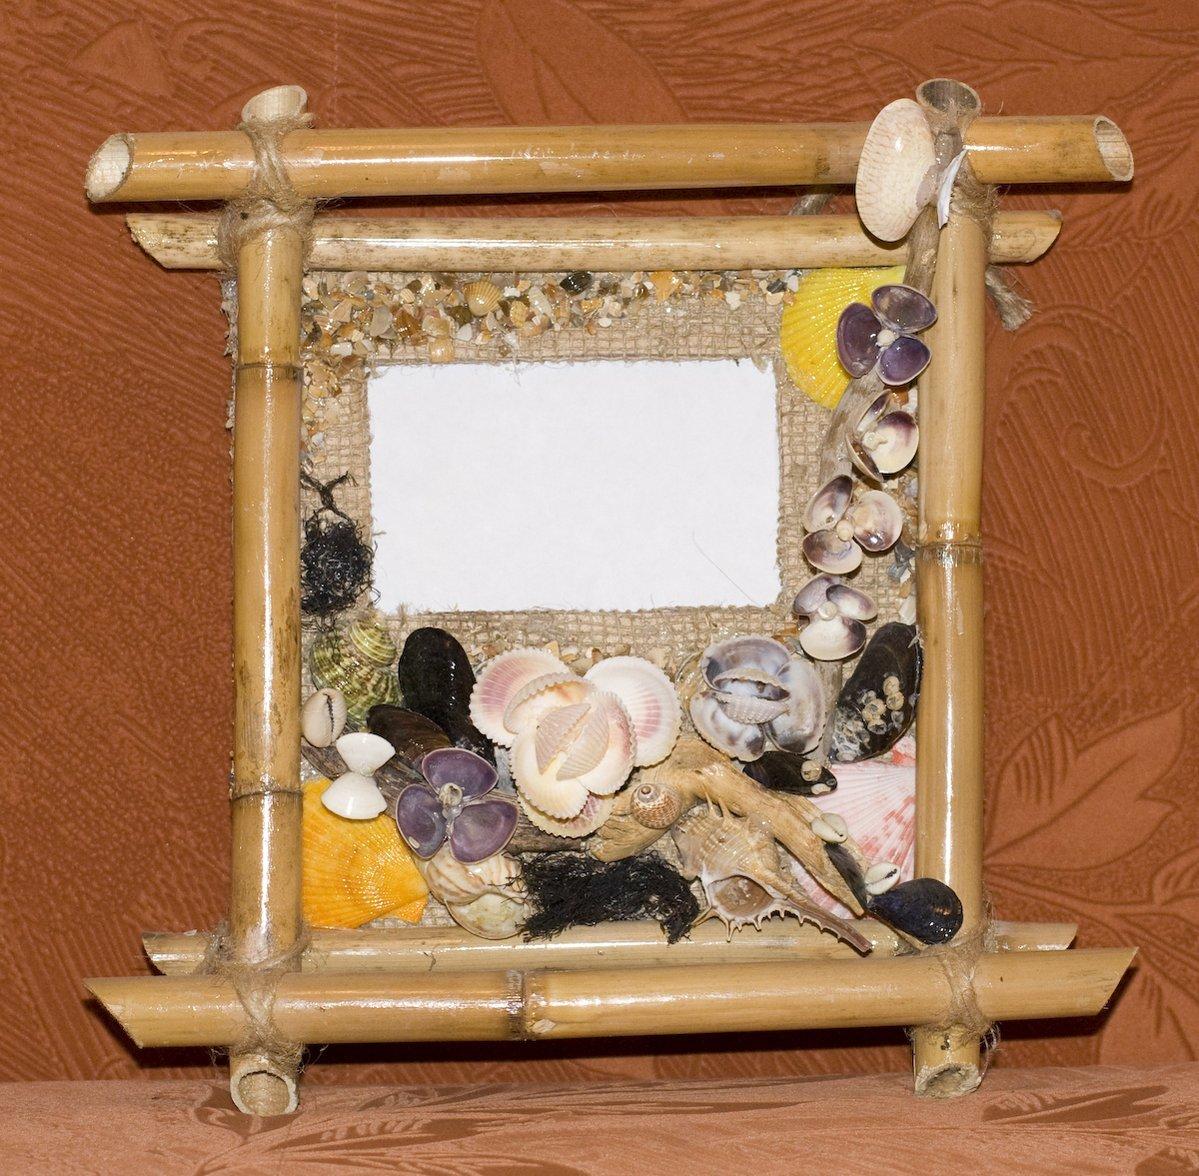 серьги бриллиантами мастер класс по изготовлению рамки для фото может